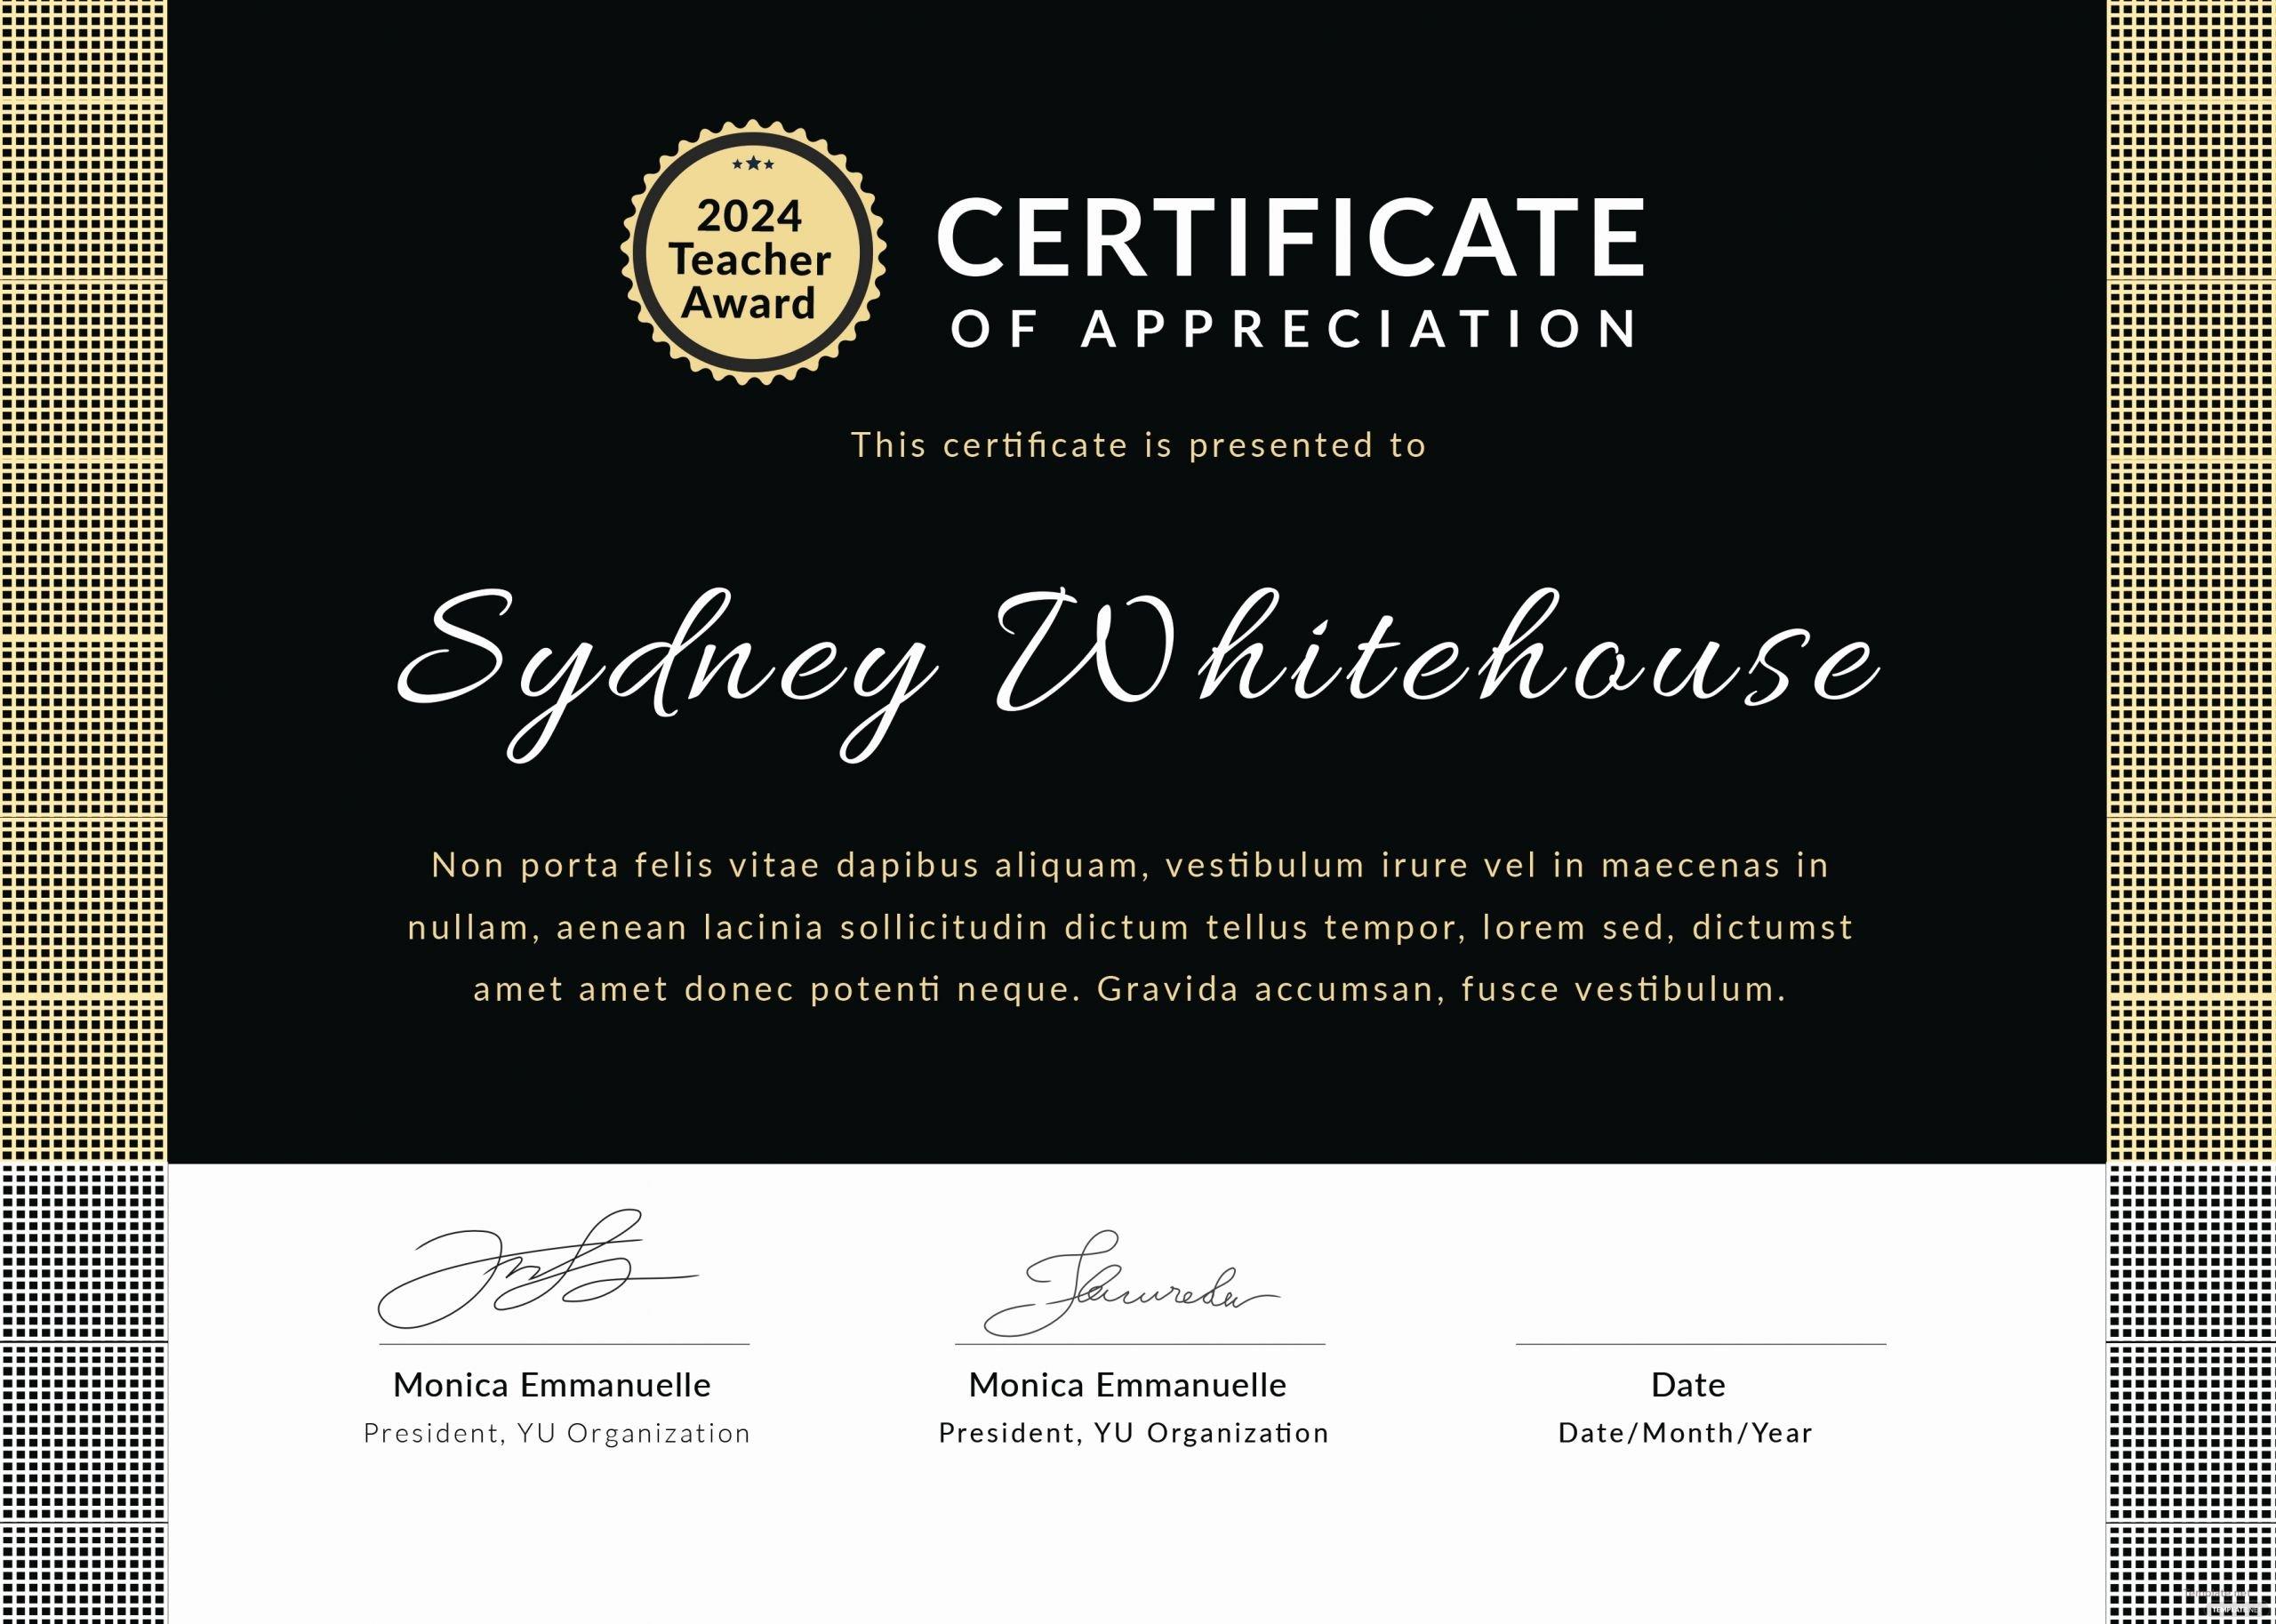 Teacher Appreciation Certificate Template Lovely Free Teacher Appreciation Certificate Template In Adobe